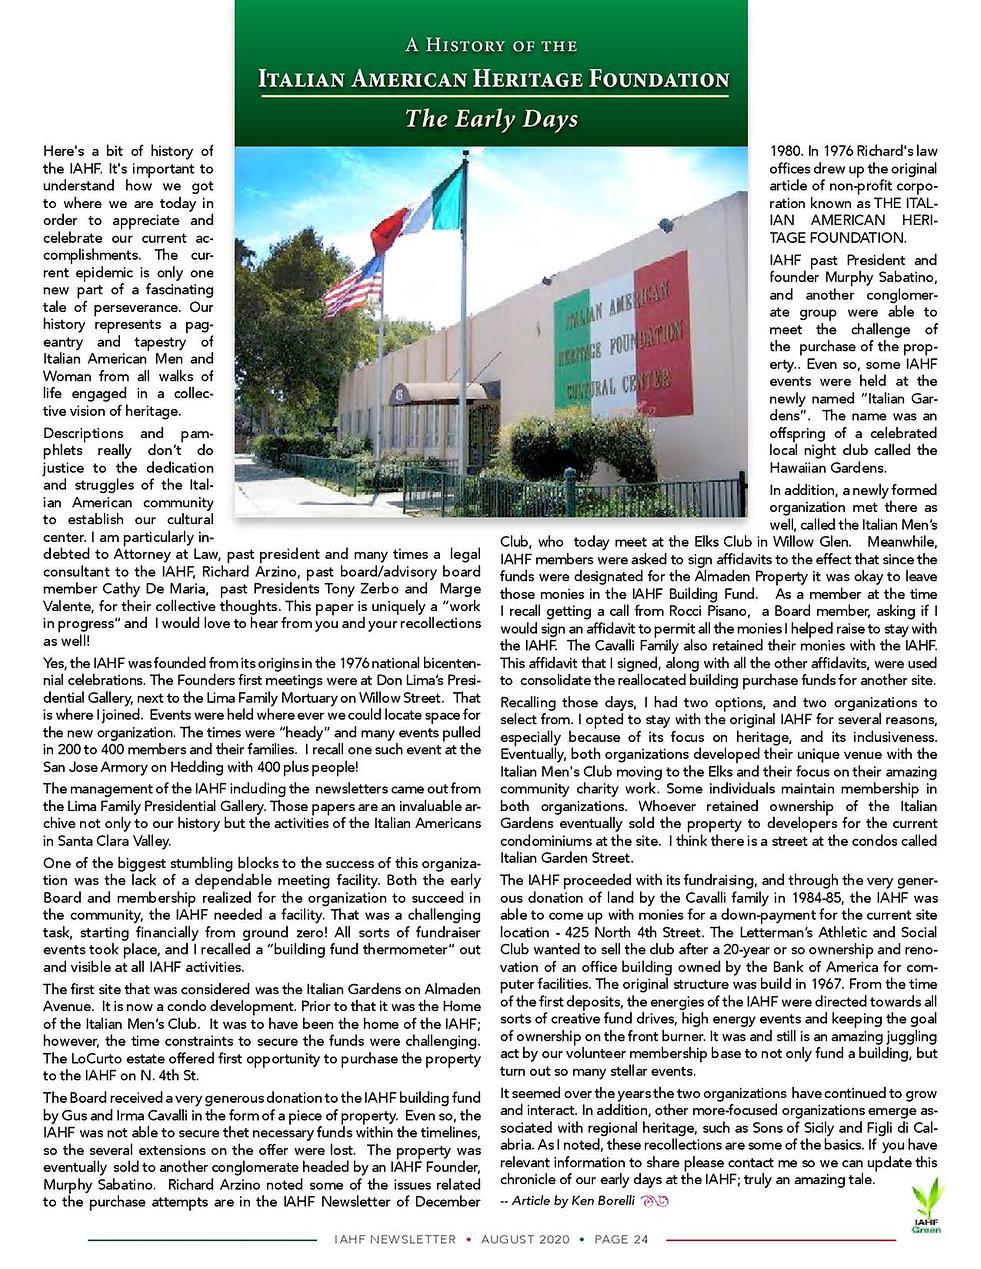 Ken's IAHF history Aug. 2020 news. pg 24